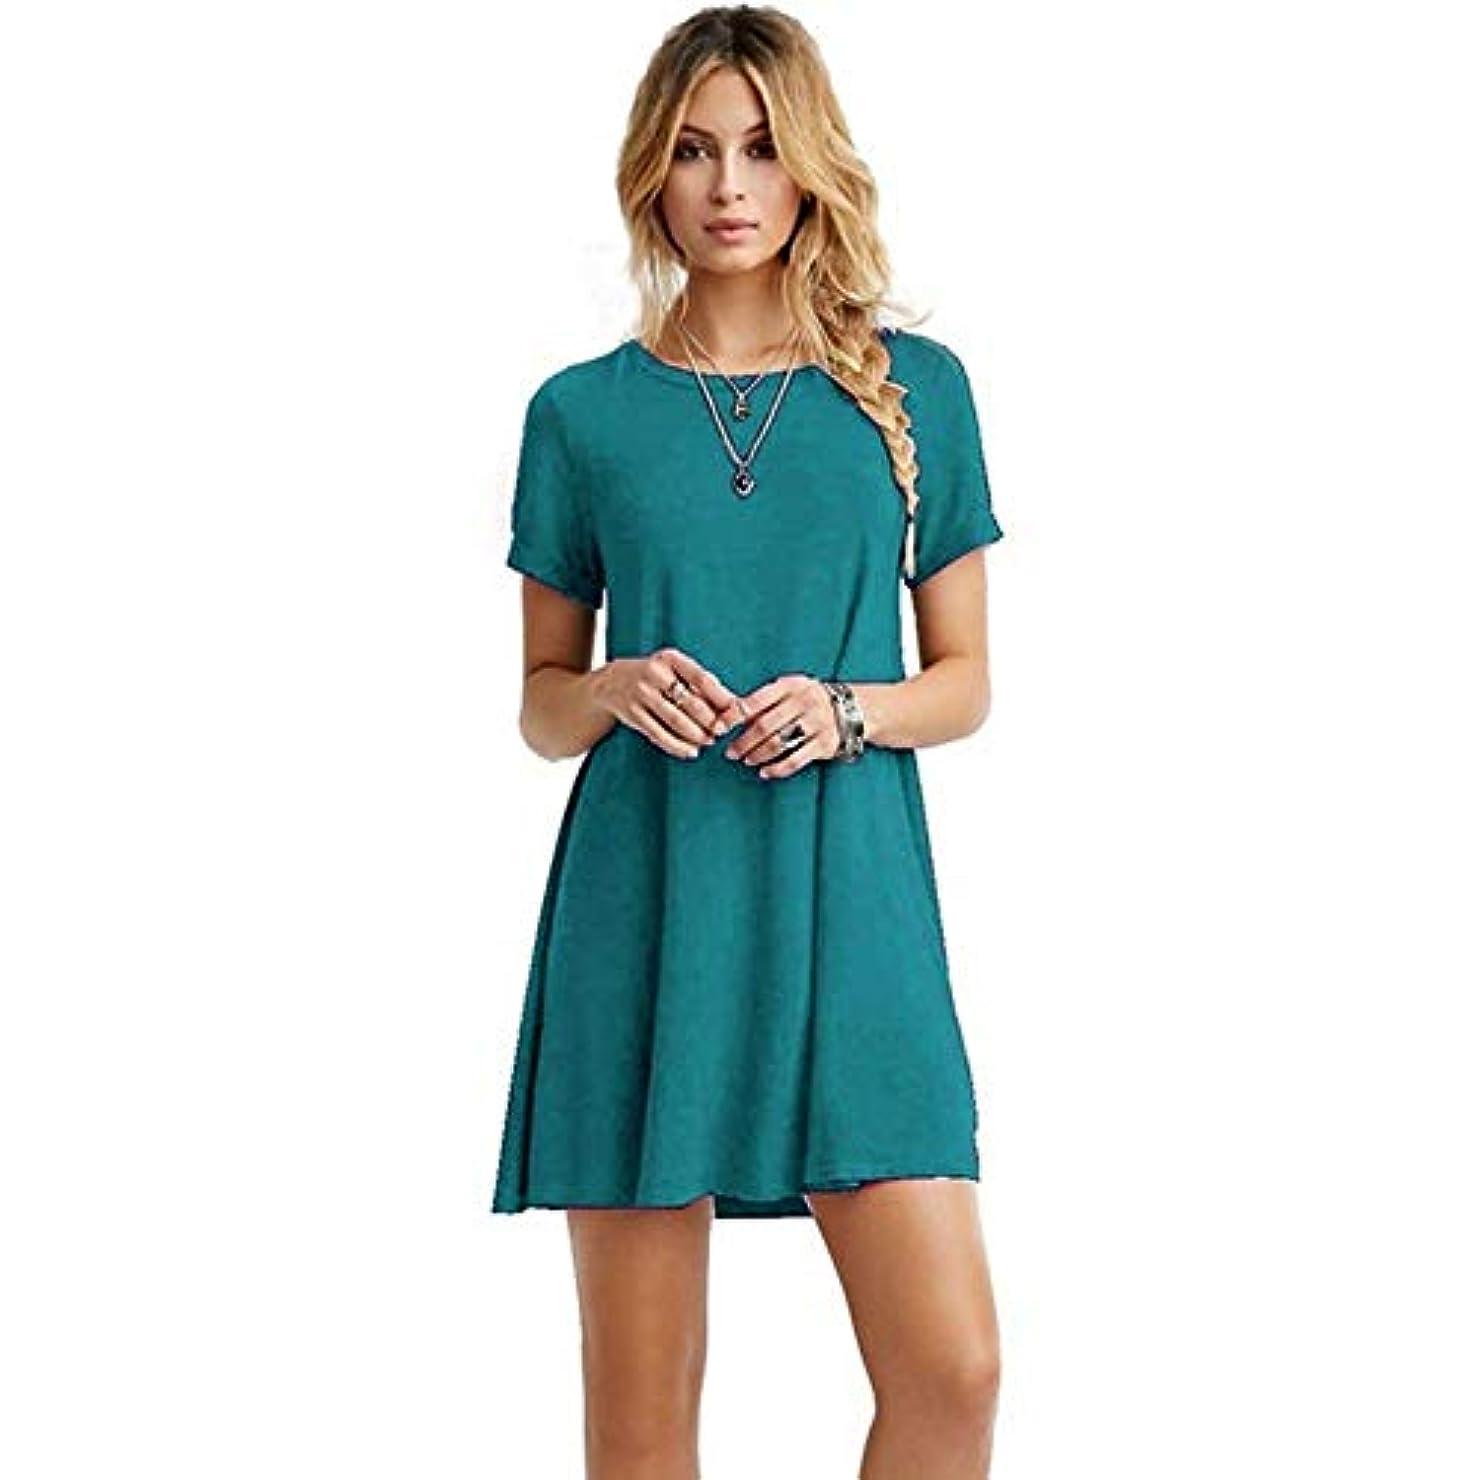 花瓶ディプロマ寸法MIFAN の女性のドレスカジュアルな不規則なドレスルースサマービーチTシャツドレス